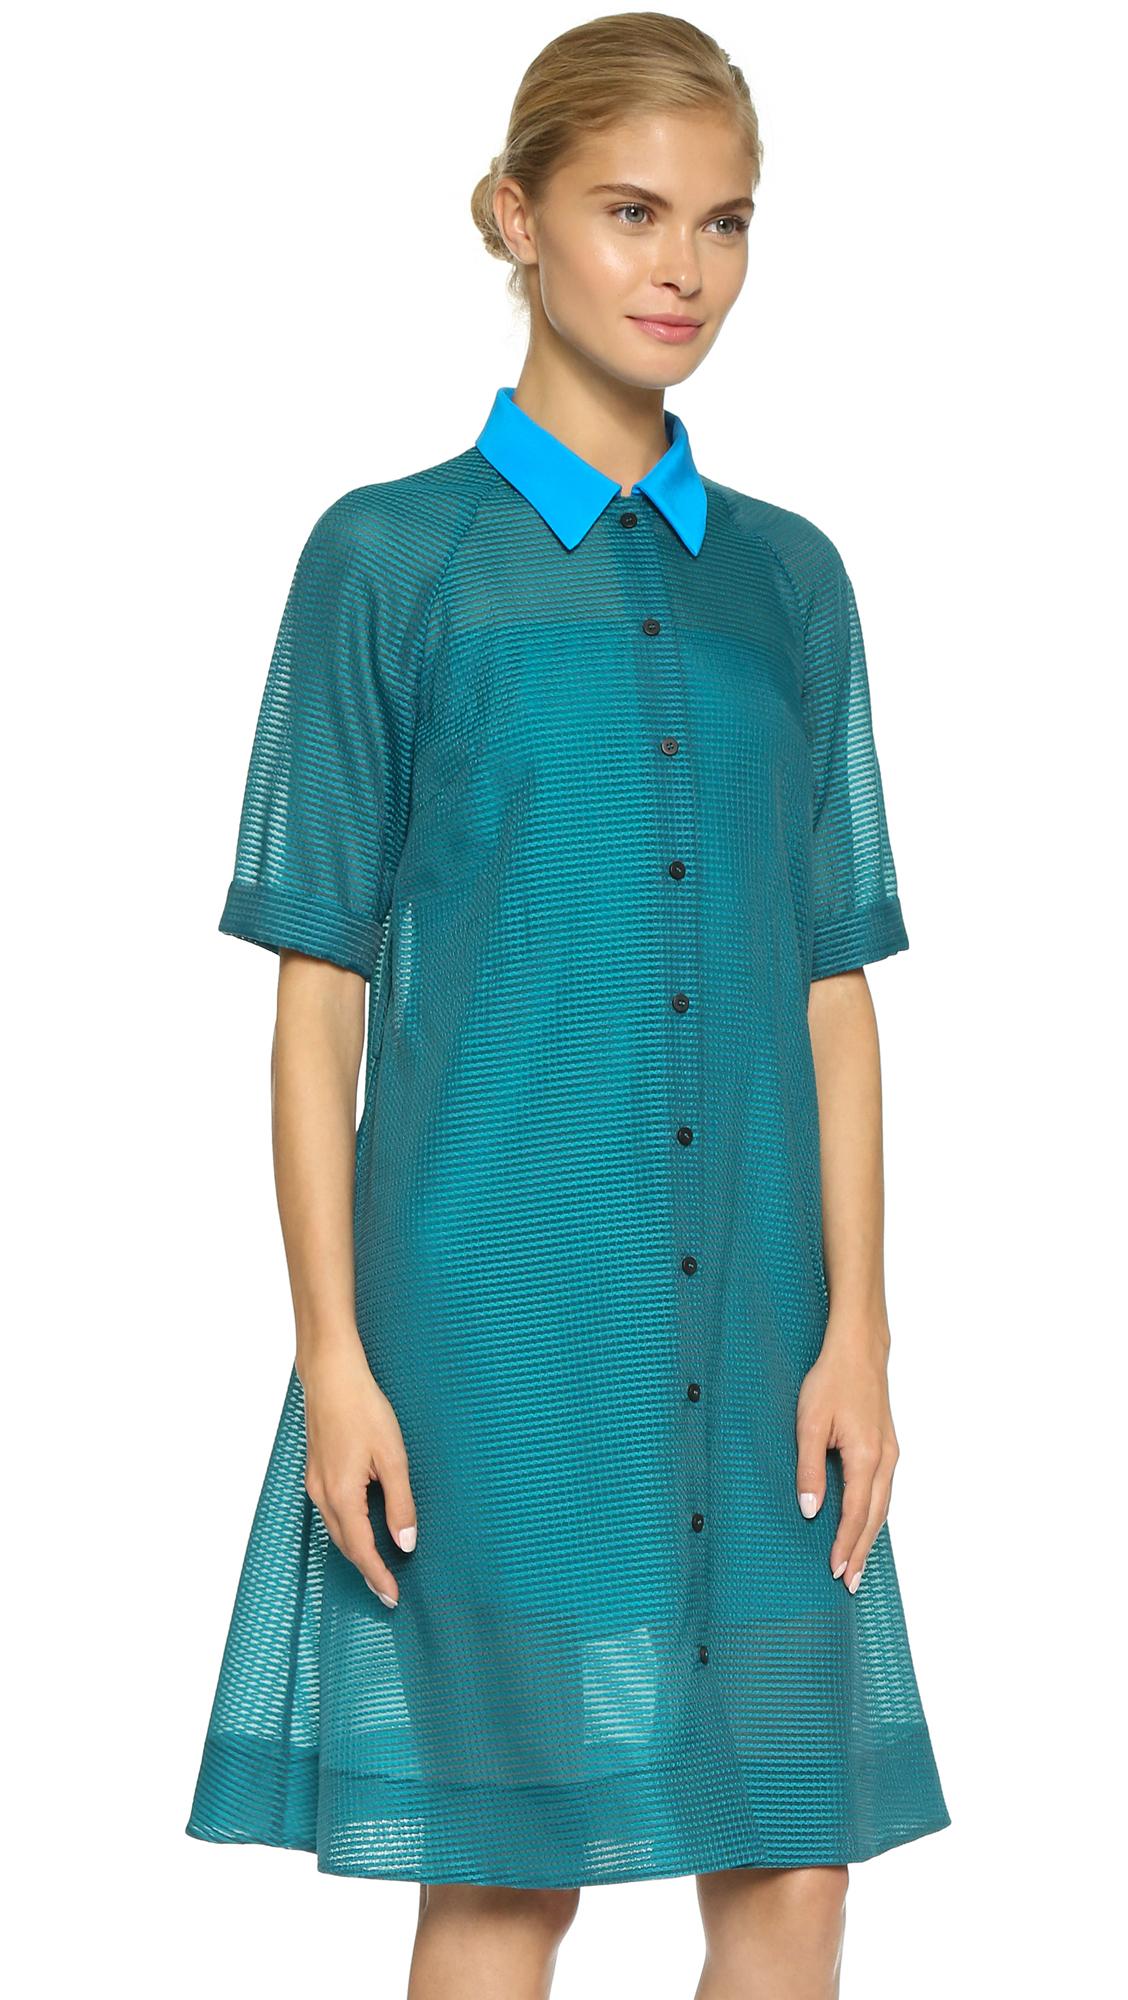 Victoria Victoria Beckham A Line Shirt Dress Lush Green